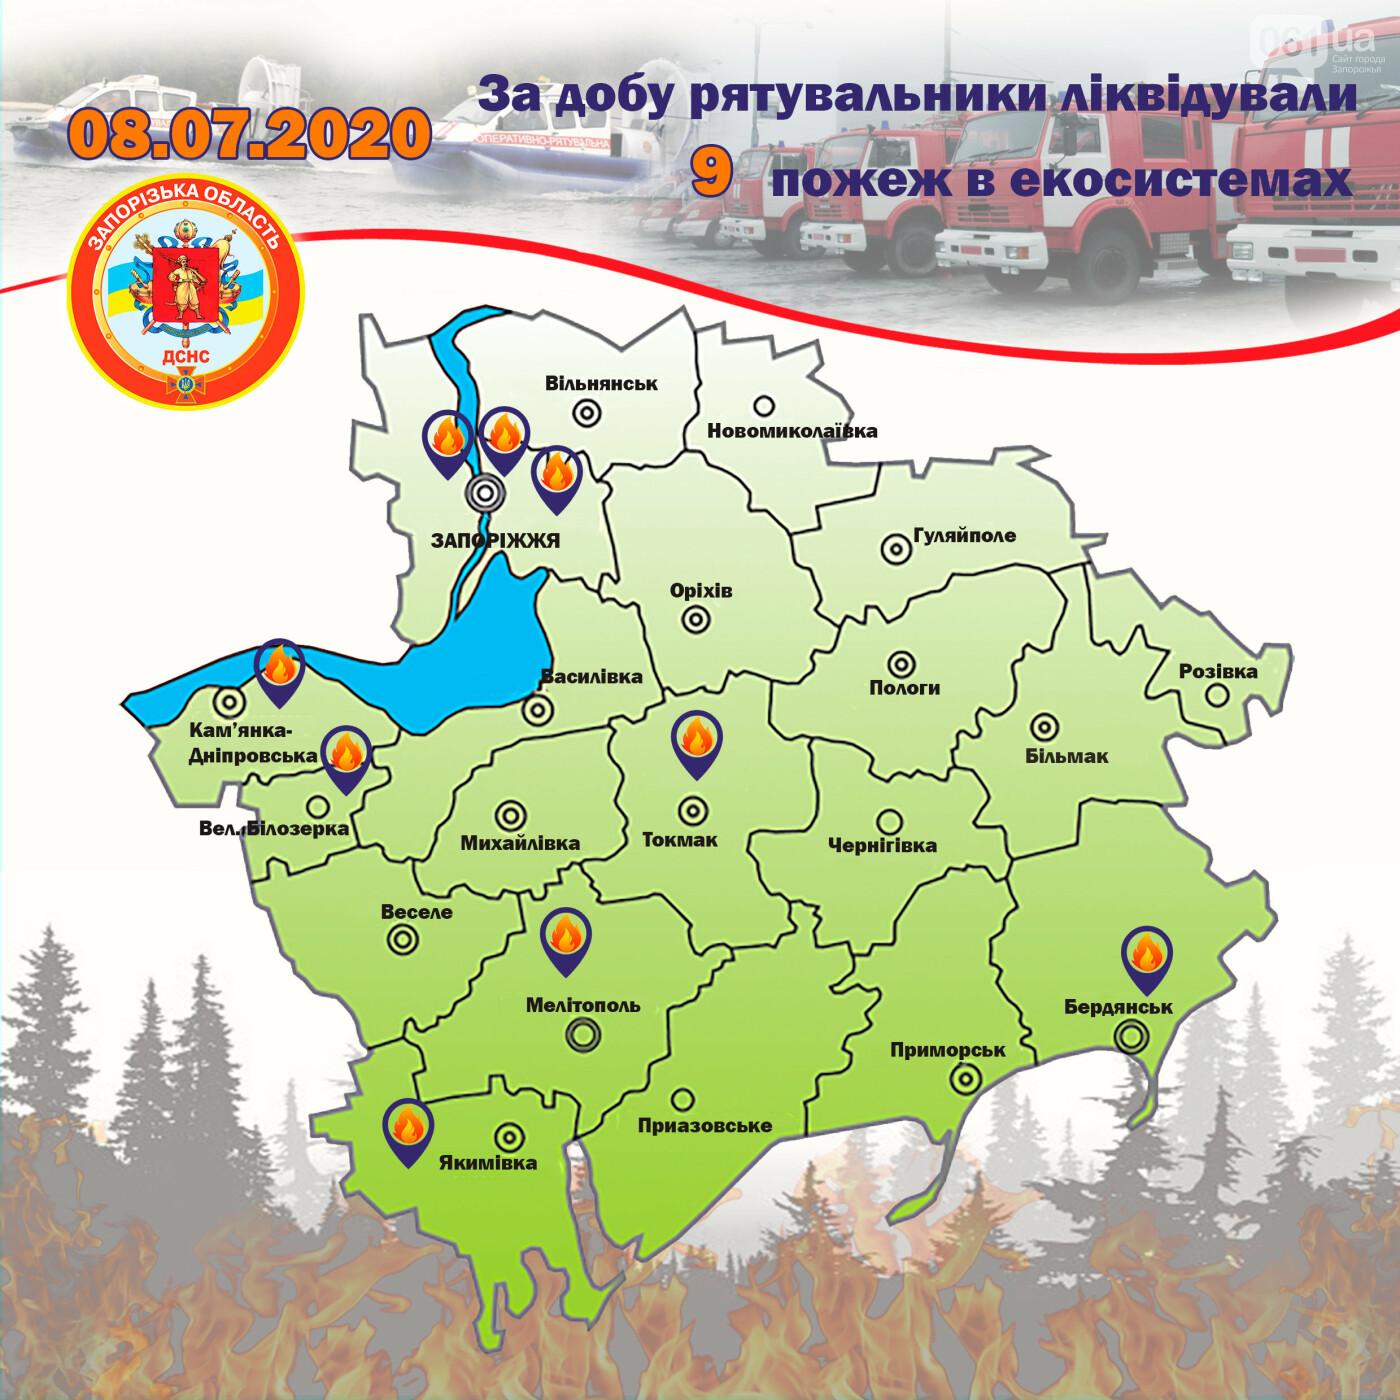 Вчера в Запорожской области случилось 9 пожаров в экосистемах, фото-1